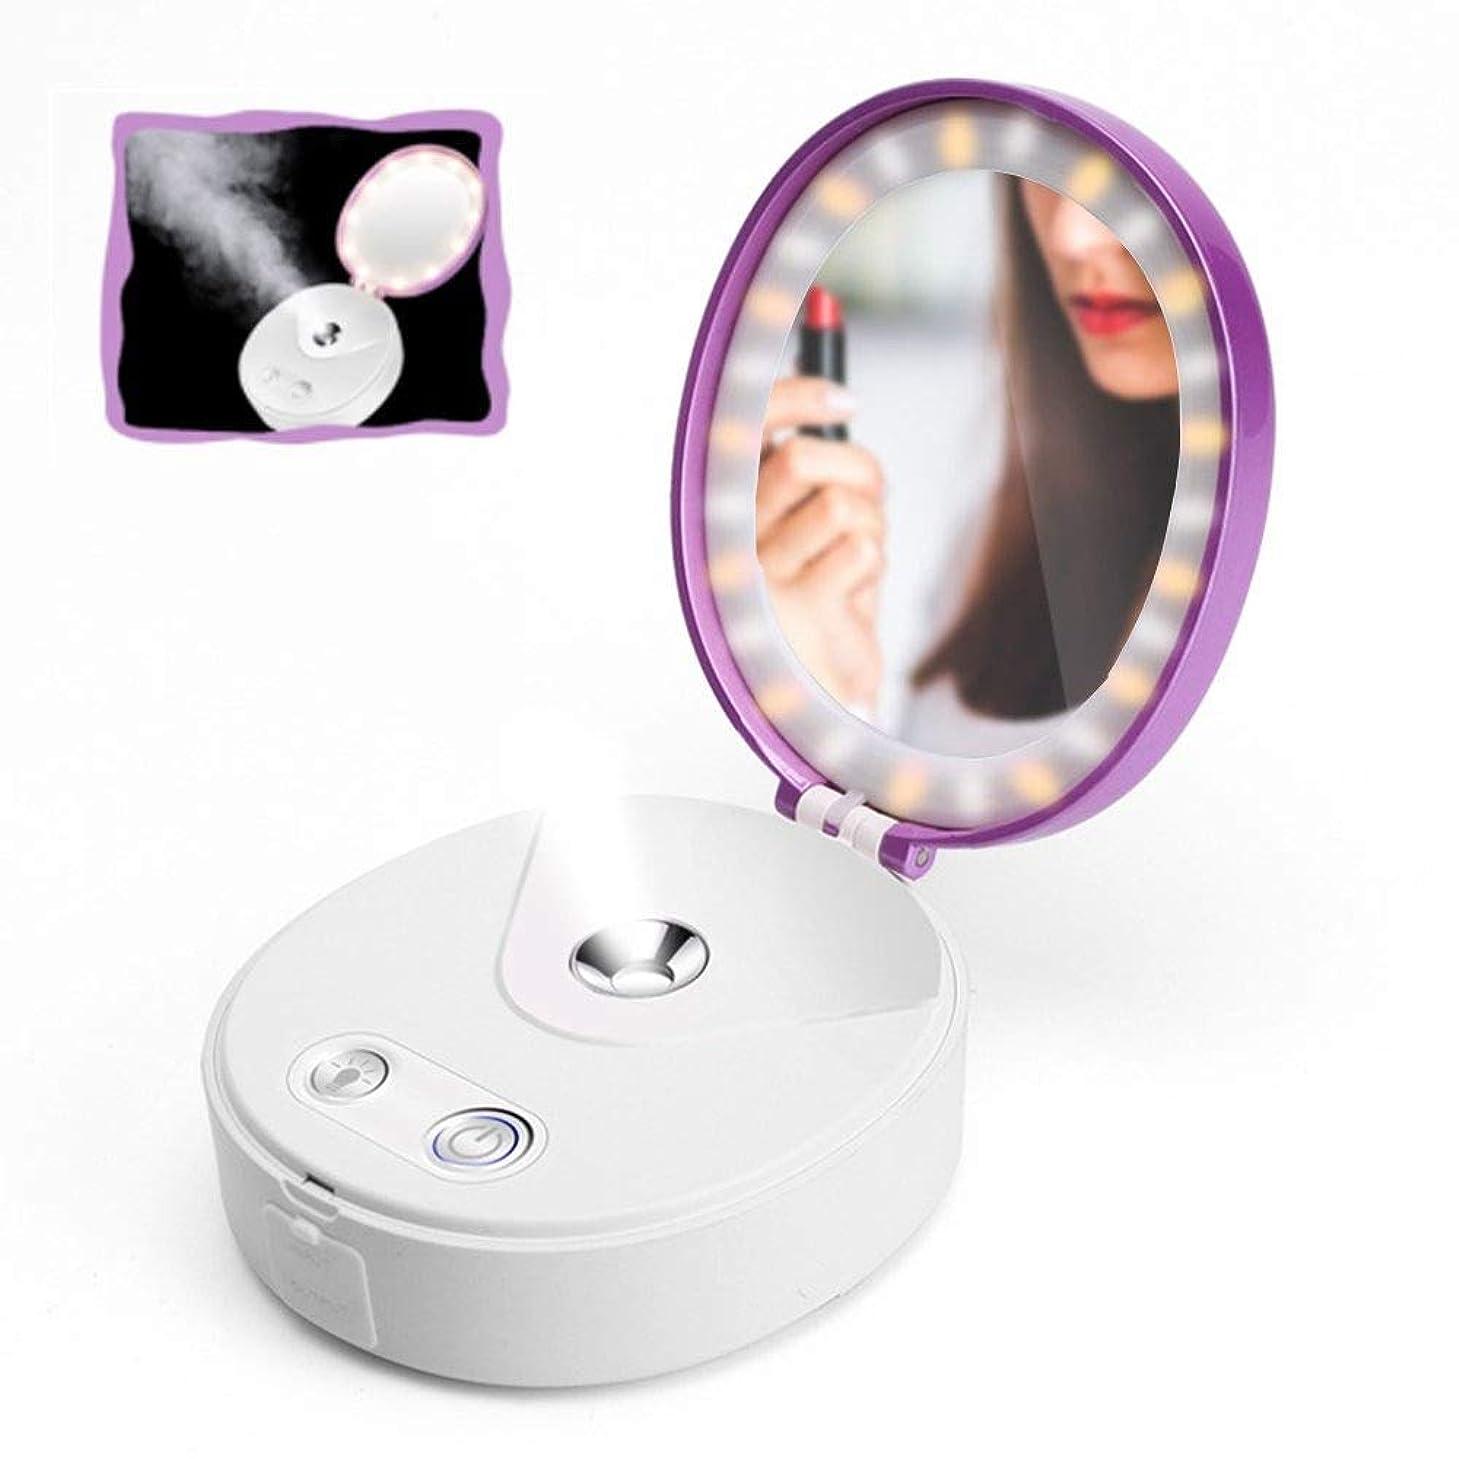 ポータブルライトアップHDミラー、ナノクールミストスプレーメーター顔の保湿と肌の若返り電源銀行電源充電器メイクアップ、まつげエクステンション、旅行